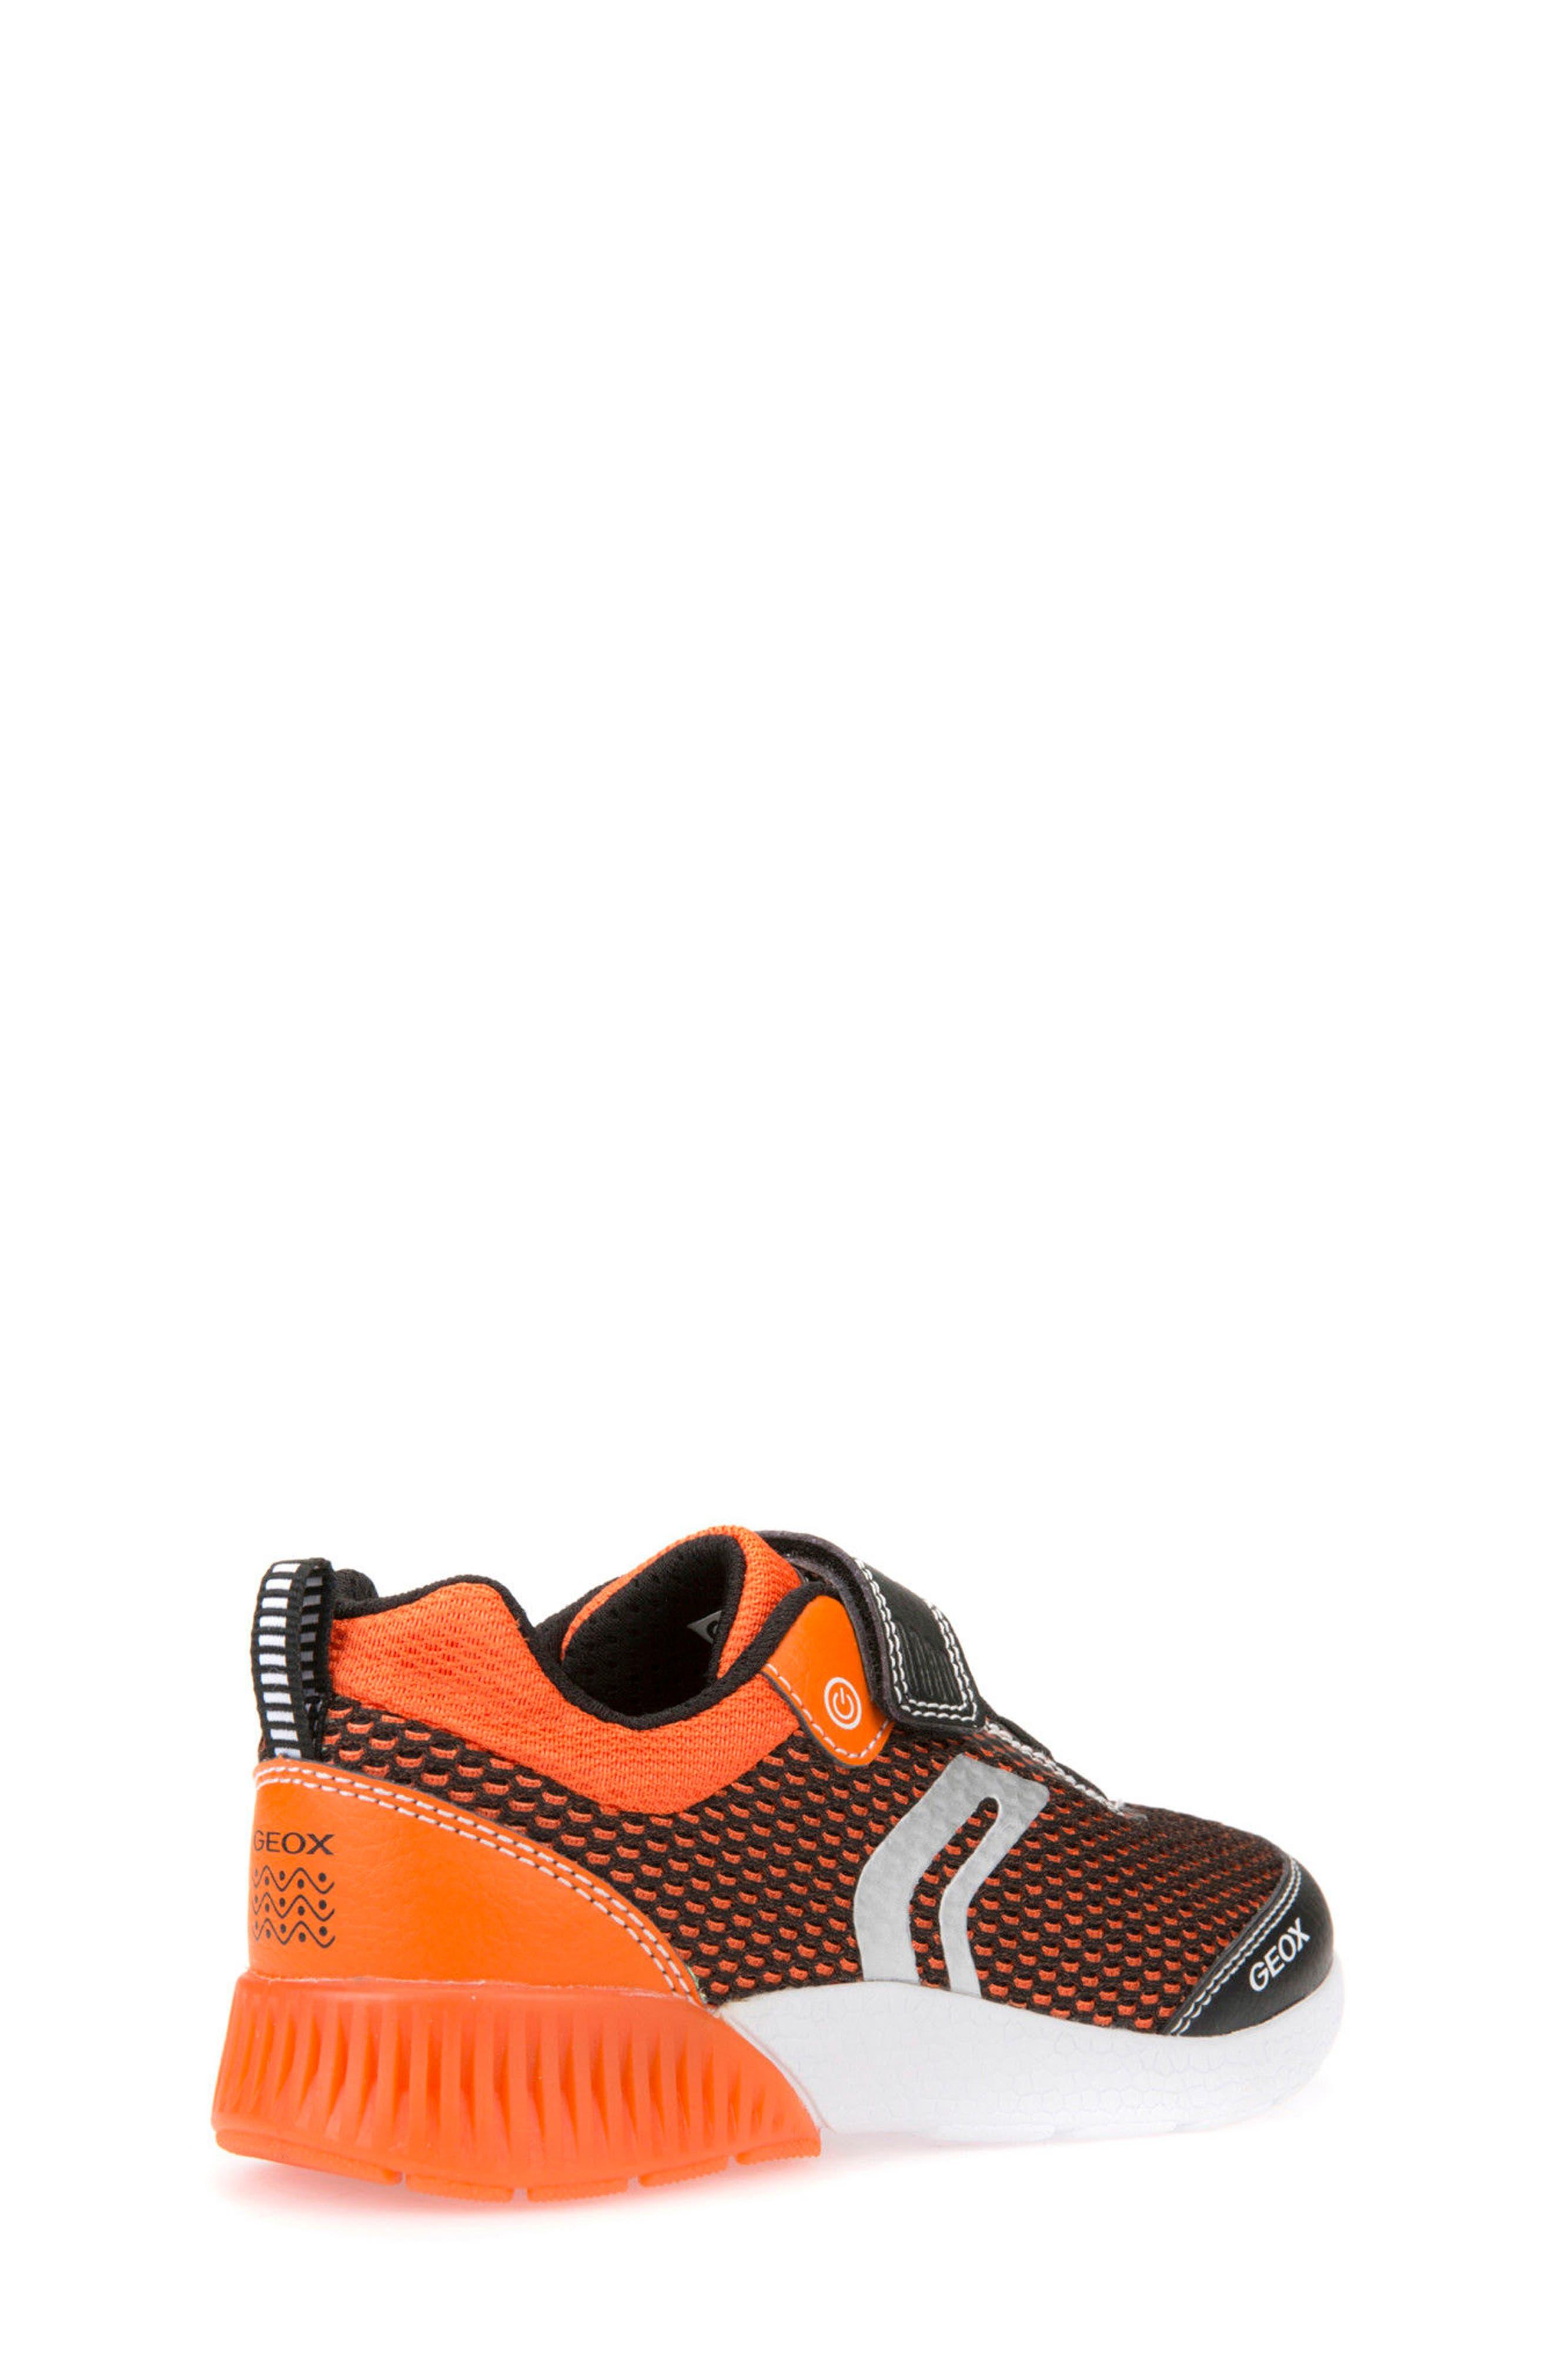 Sveth Light-Up Sneaker,                             Alternate thumbnail 2, color,                             BLACK/ ORANGE